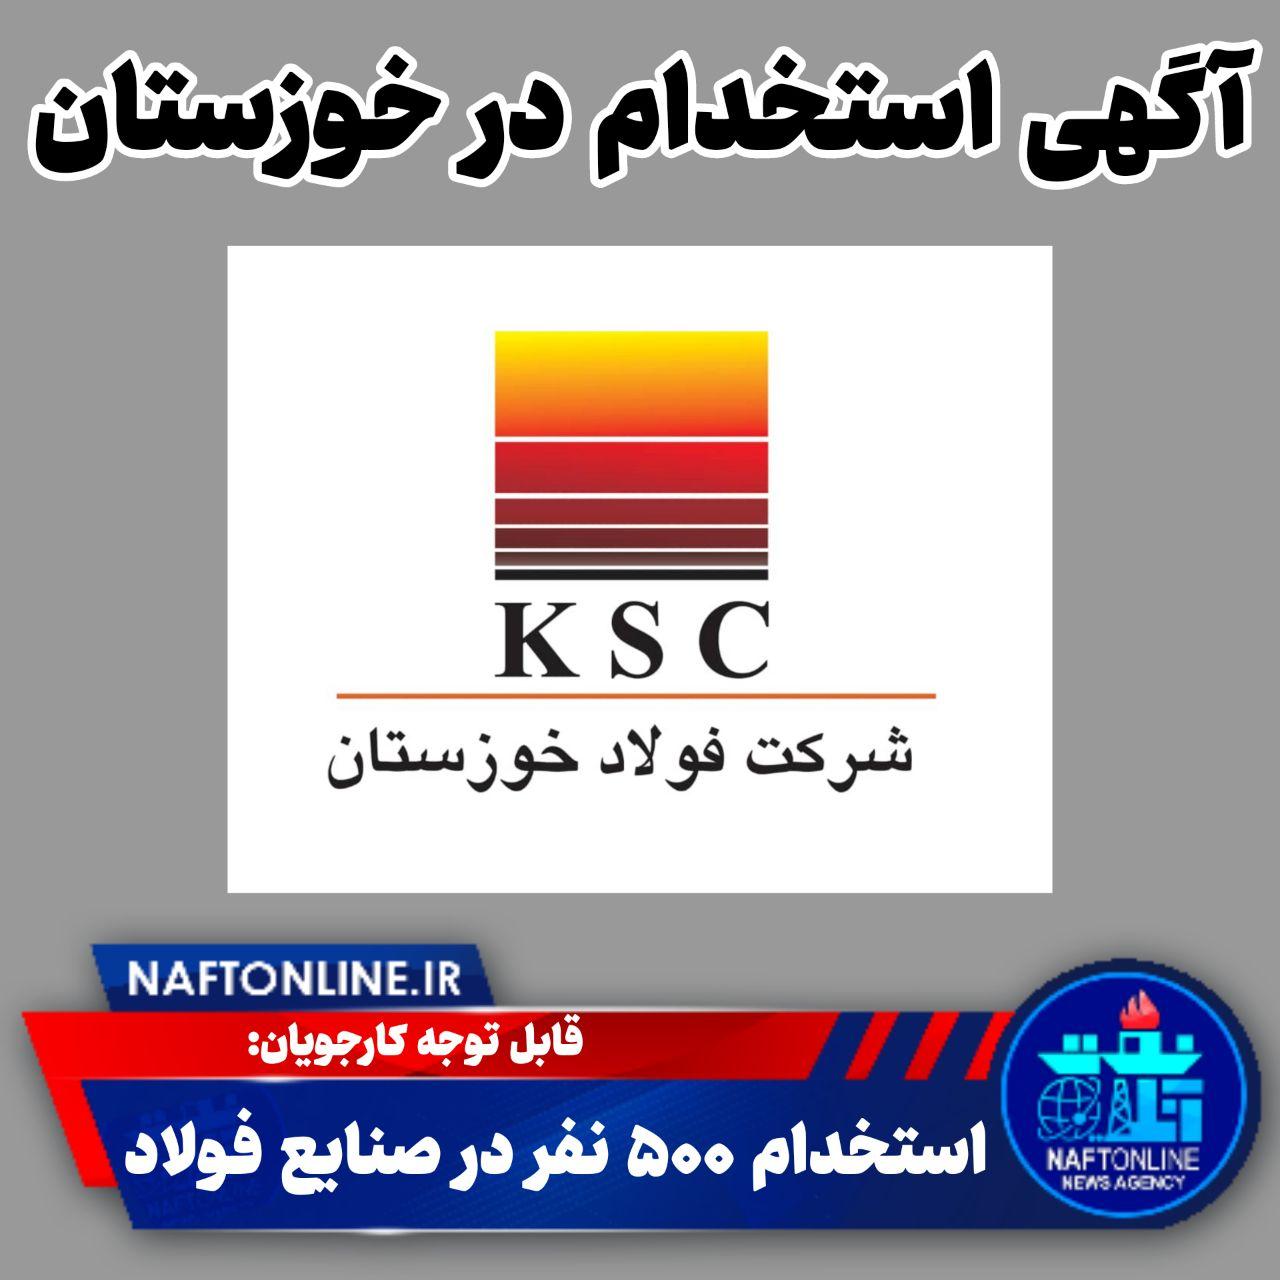 اخبار استخدامی | نفت آنلاین | استخدام فولاد خوزستان